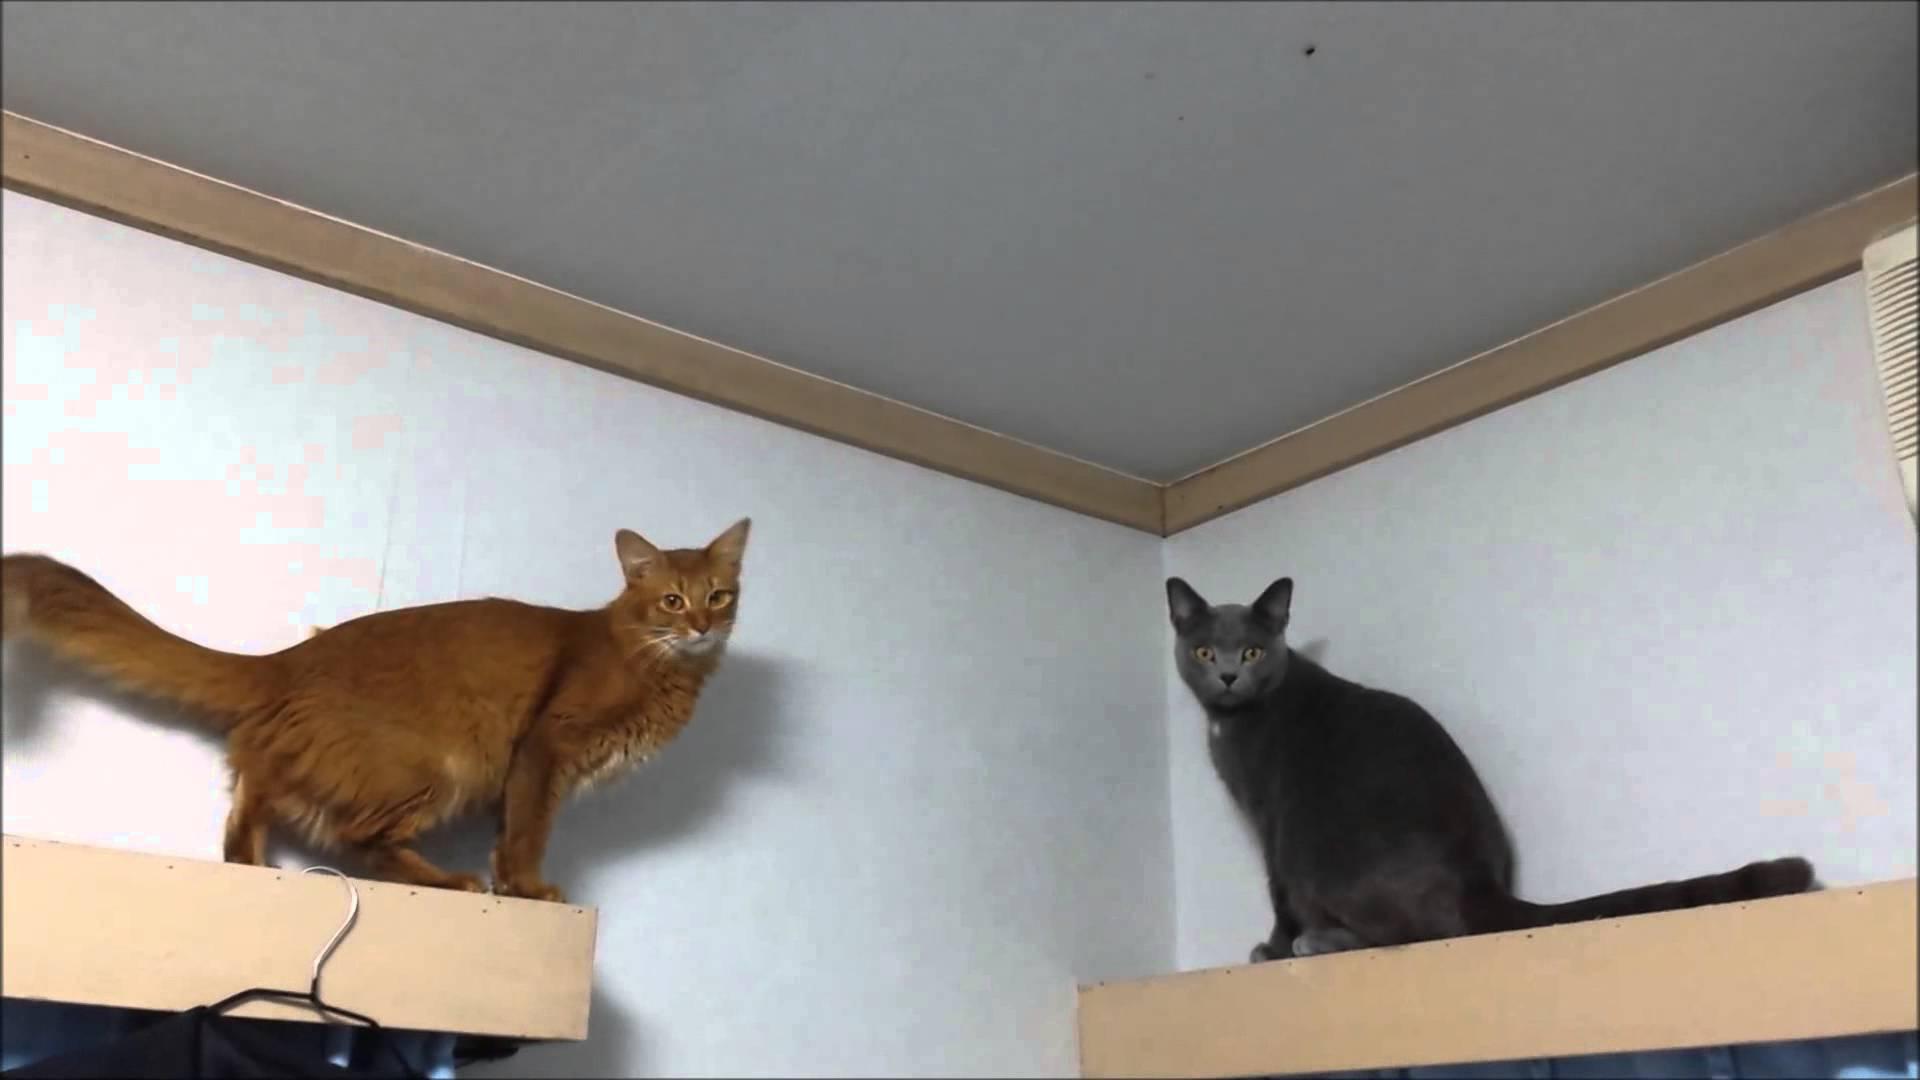 ソマリ猫のジャンプ失敗!動画最後のジャンプに注目せよww